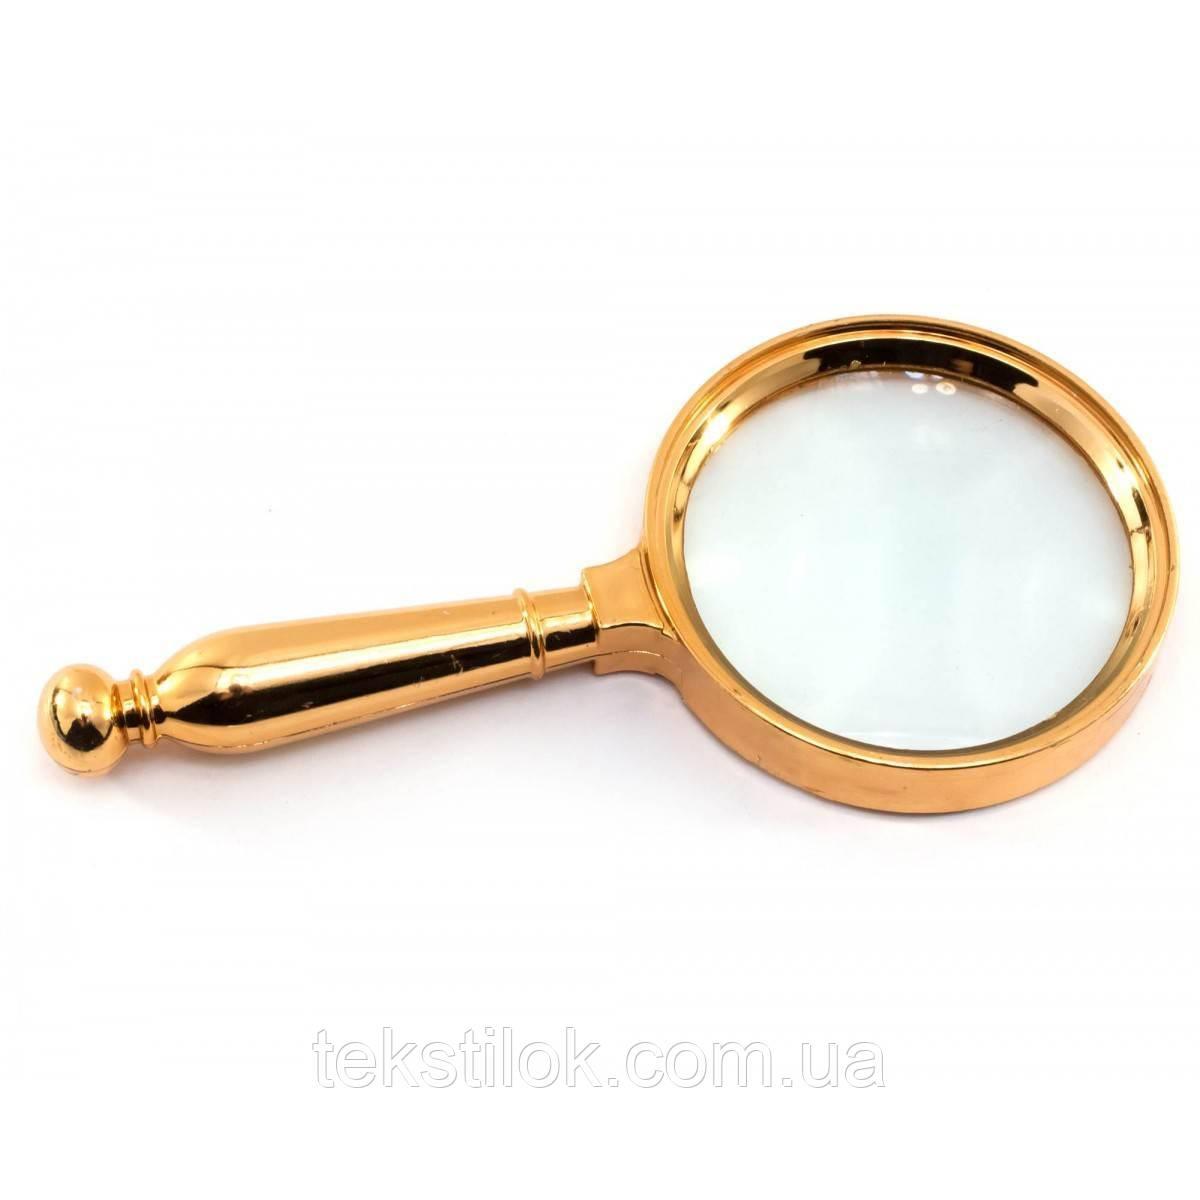 Лупа металева, діаметр 8,5 см, довжина 17,5 см